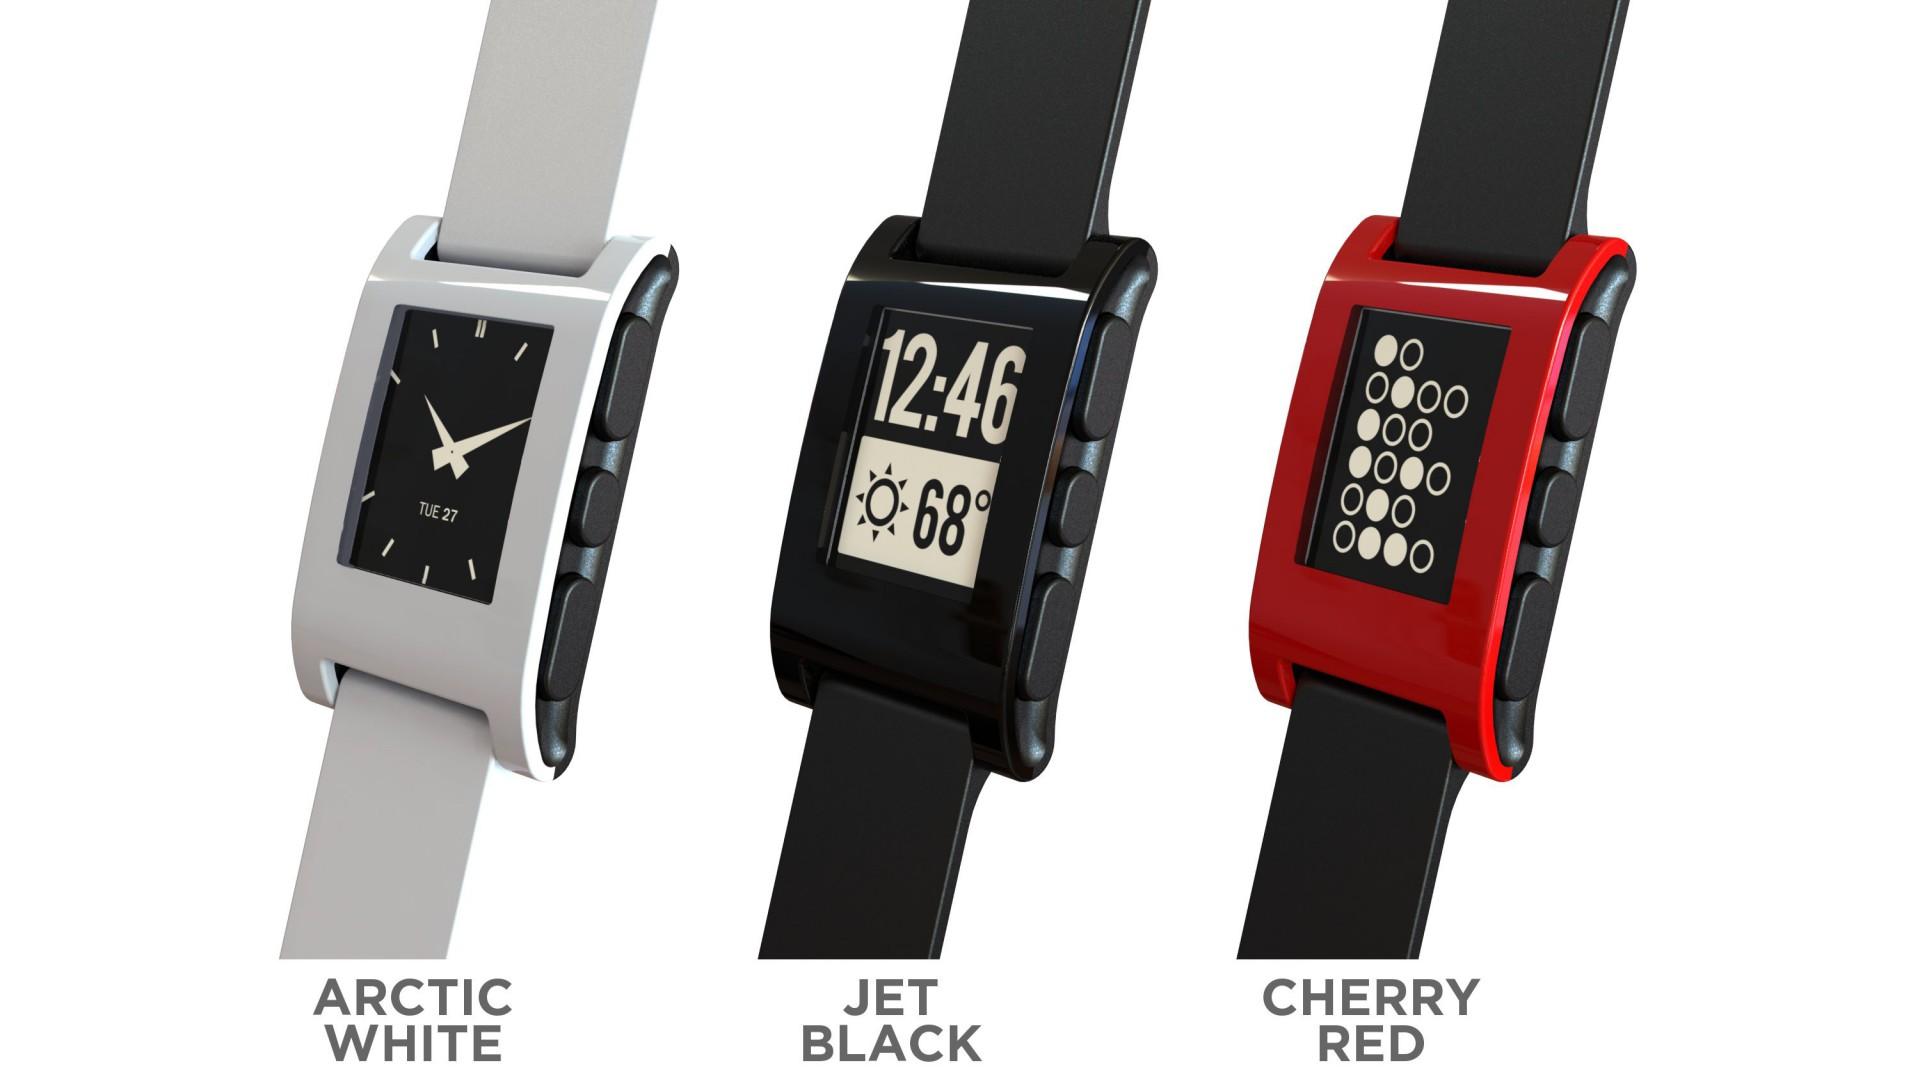 Pebble Smartwatch: E-Paper-Armbanduhr schlägt alle Rekorde auf Kickstarter - Pebble Smartwatch - noch einmal die drei bekannten Farben (Bild: Pebble)